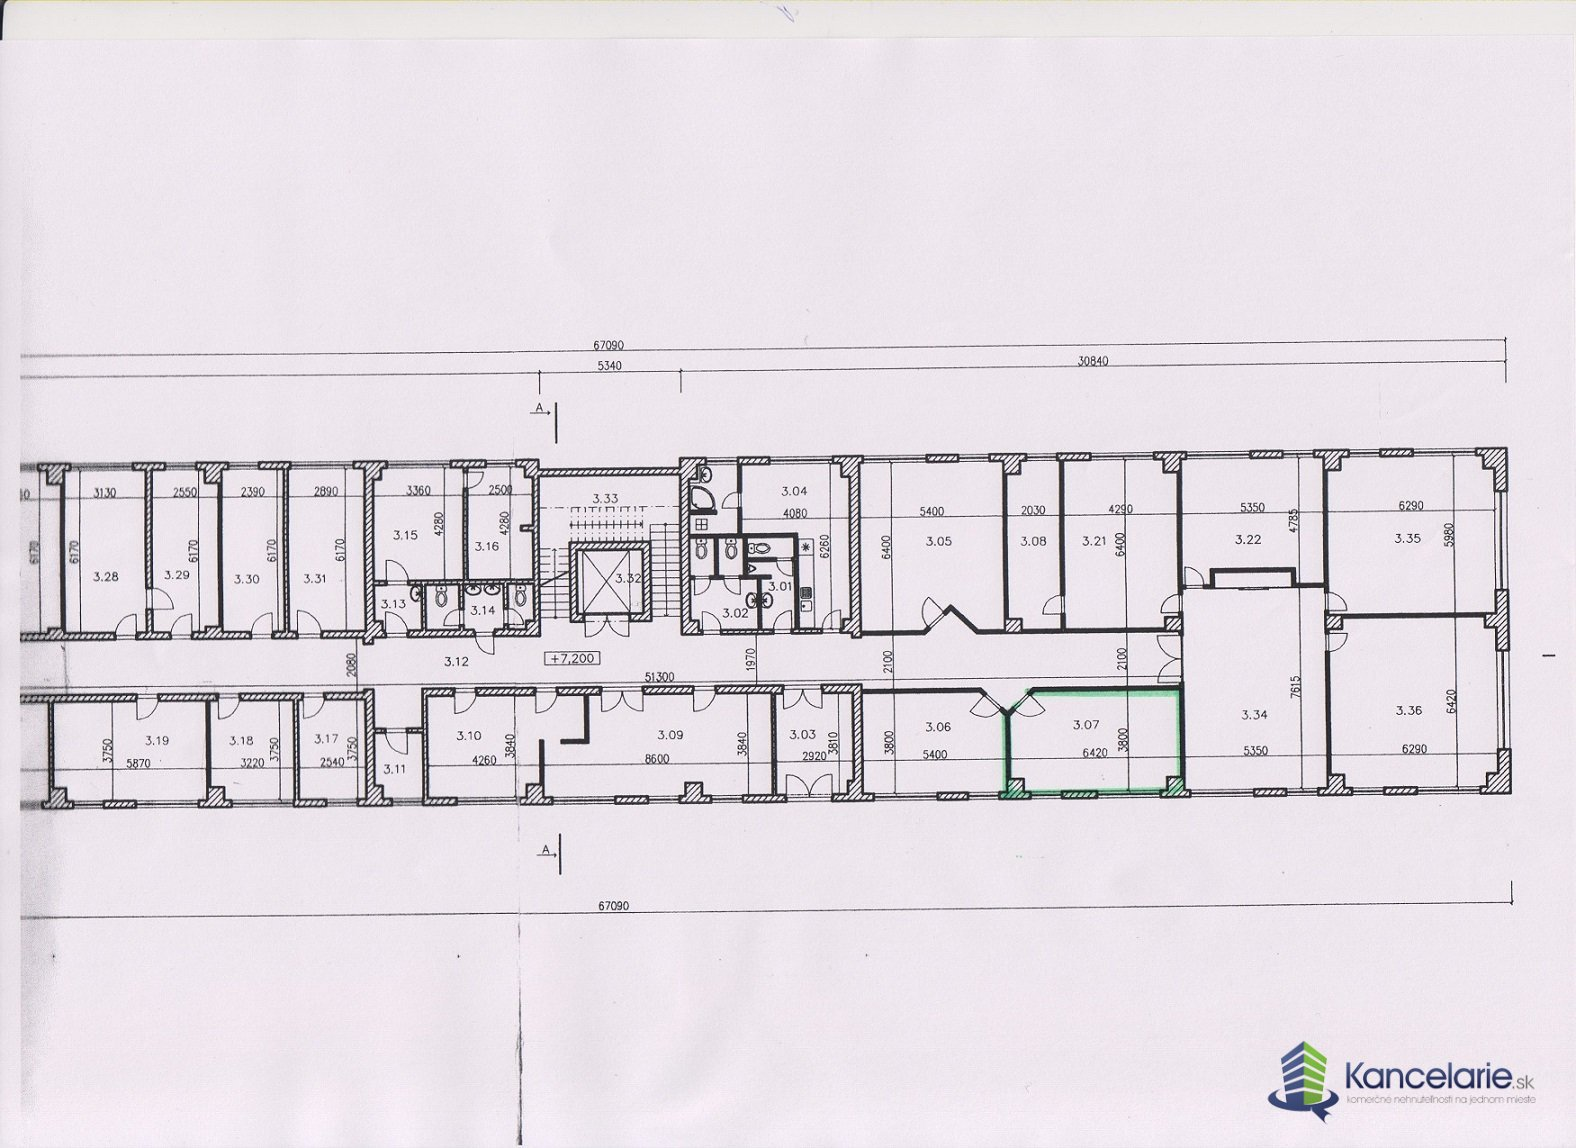 Agrimex spol. s r.o. (AMEX Park), Kancelária APB II č. 3.07, Púchovská 12, Bratislava